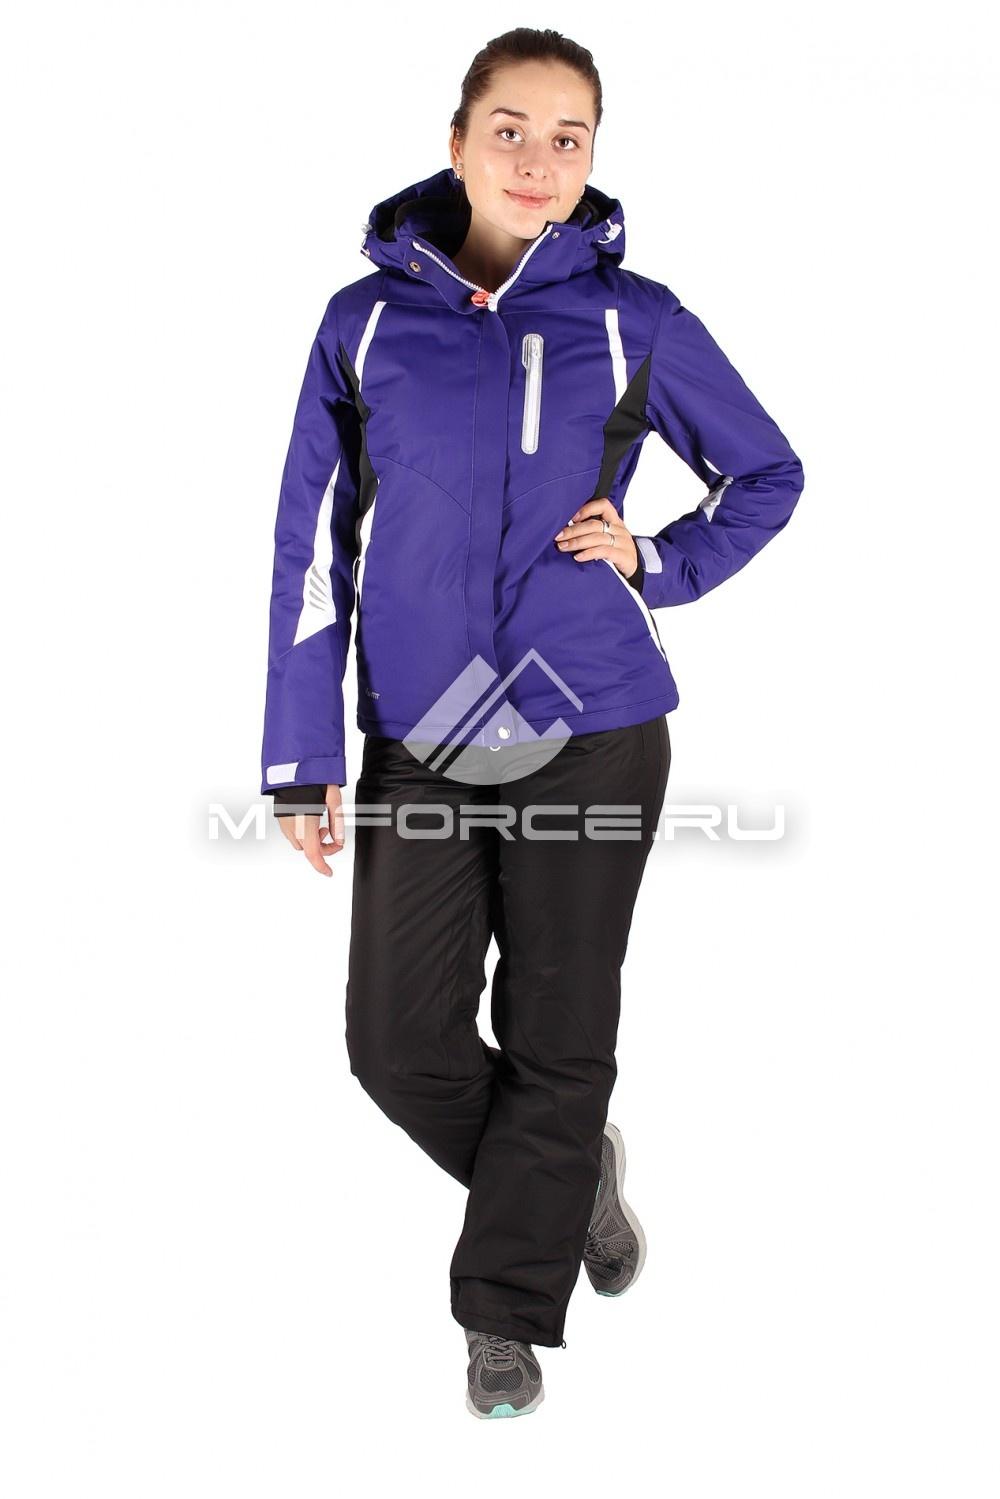 Купить                                  оптом Костюм горнолыжный женский синего цвета 01516S